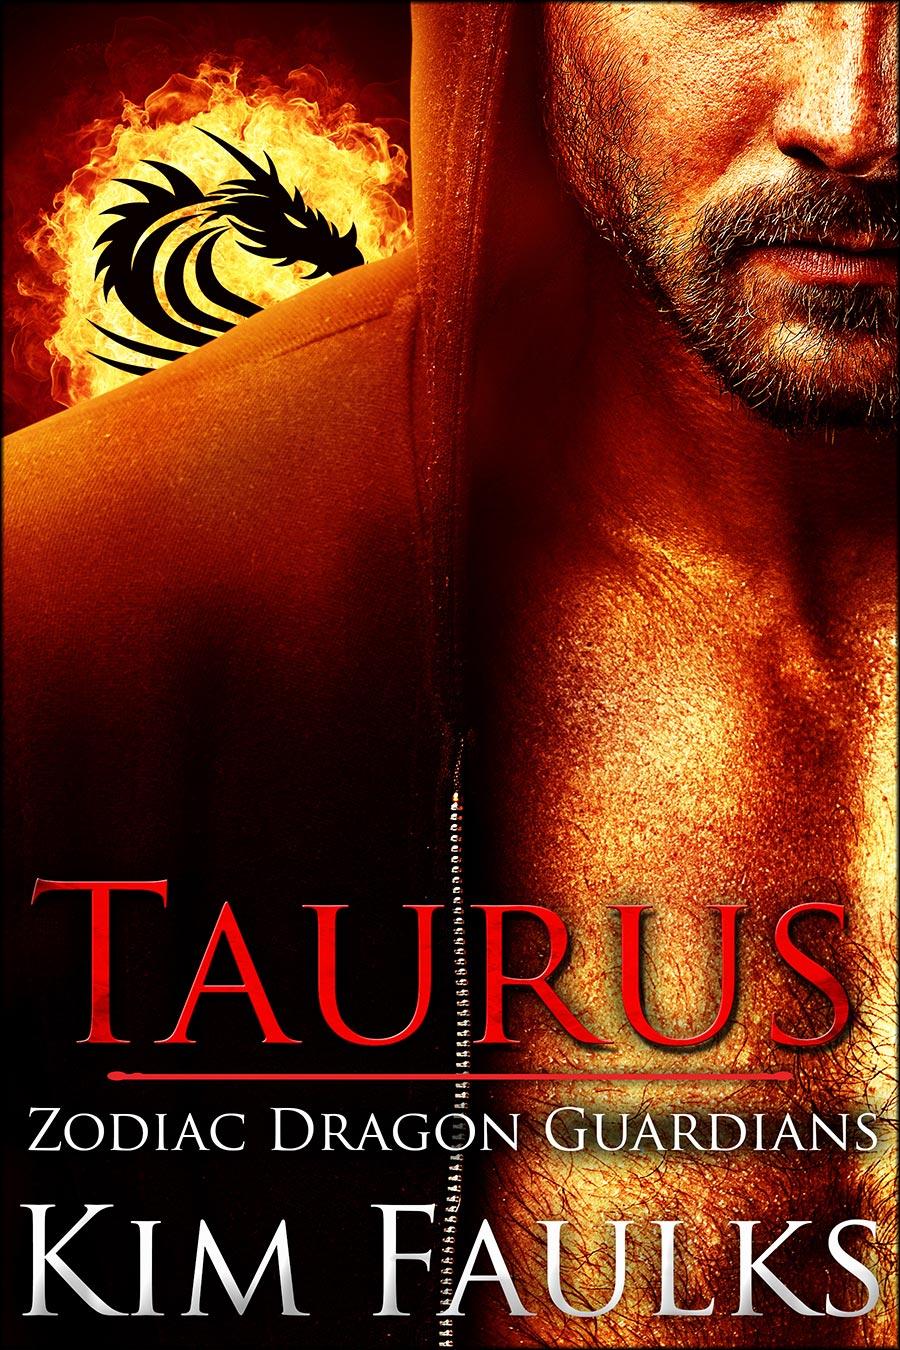 Kim-Faulks---Taurus.jpg